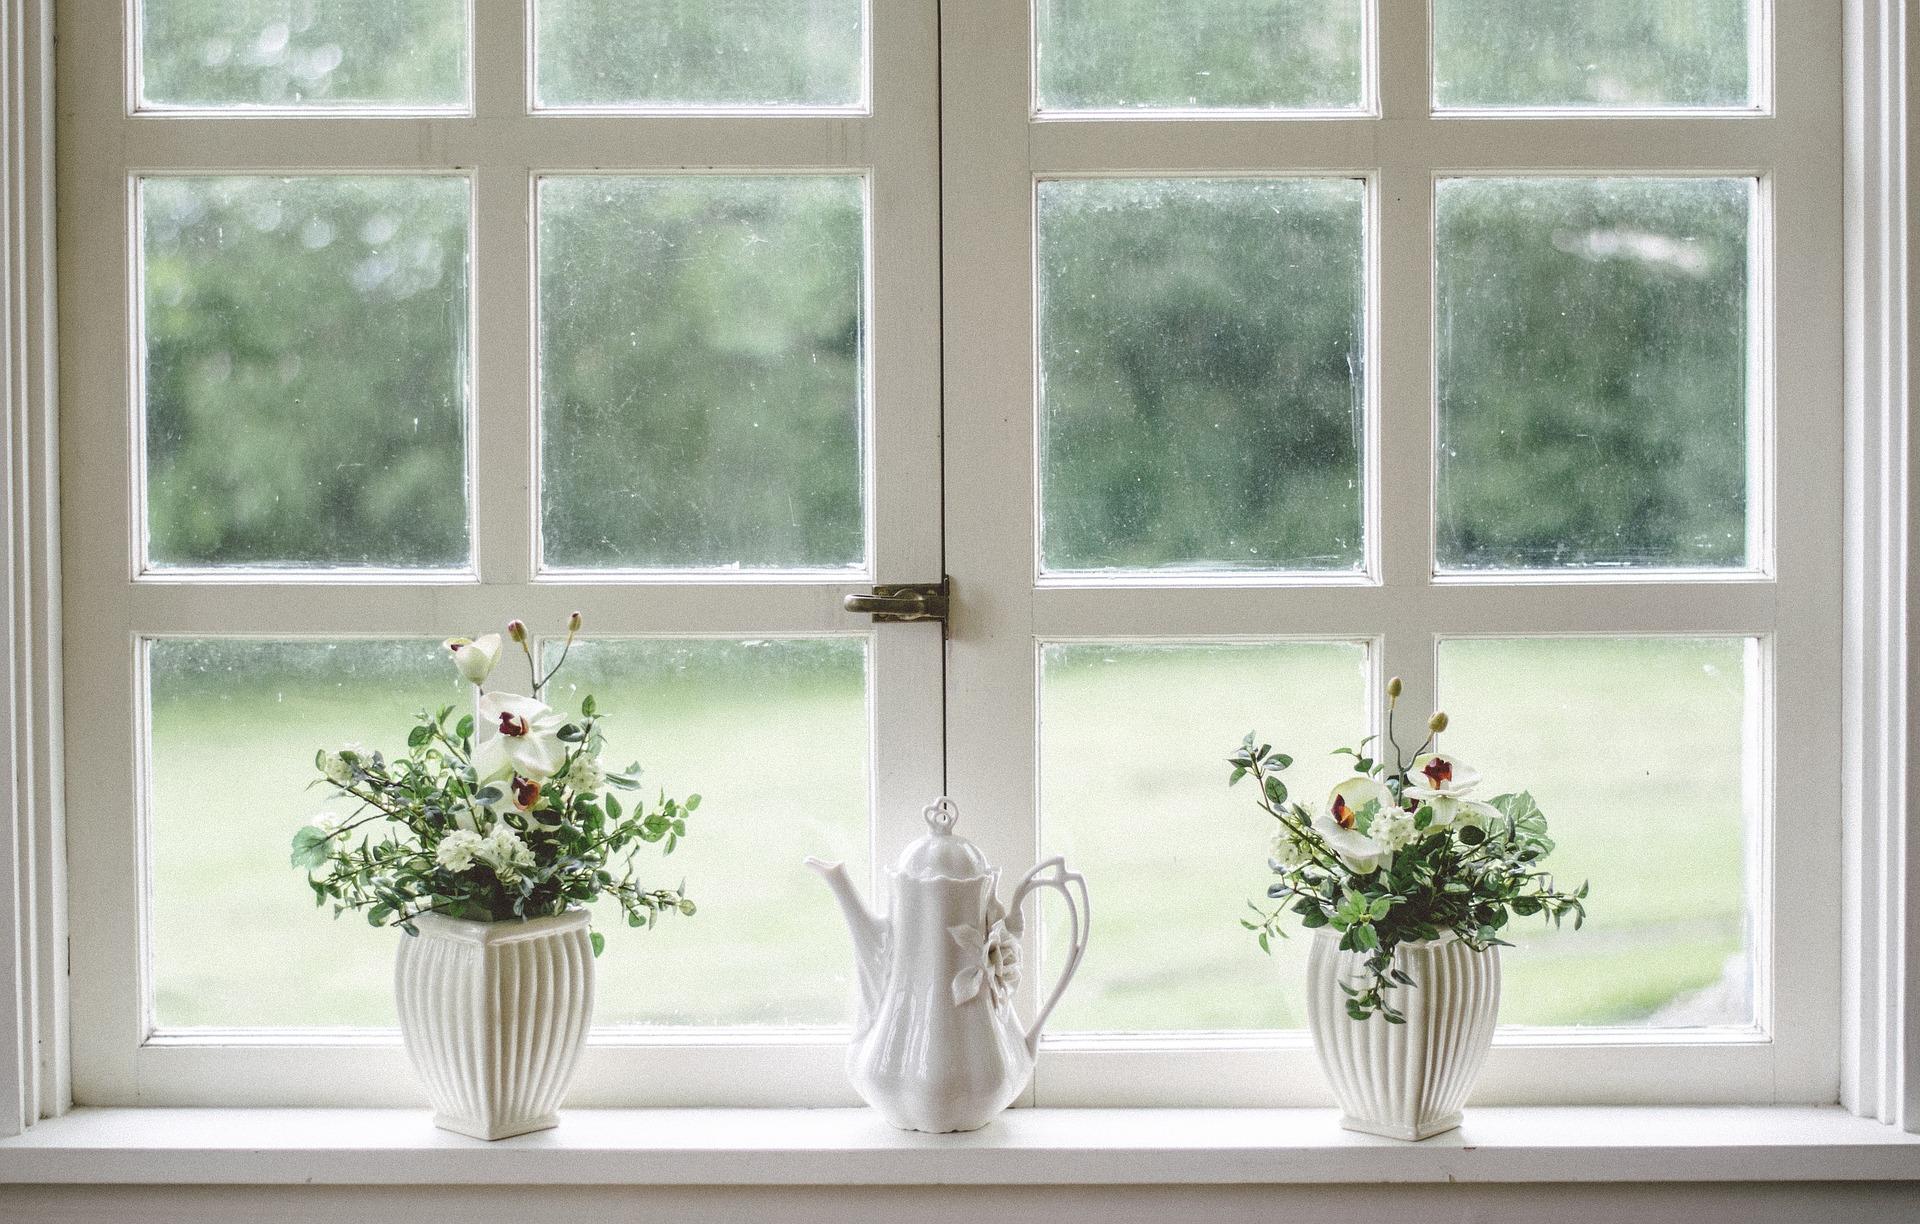 h tten sie 39 s gewusst das k nnen sie mit waschmittel putzen wohnen. Black Bedroom Furniture Sets. Home Design Ideas